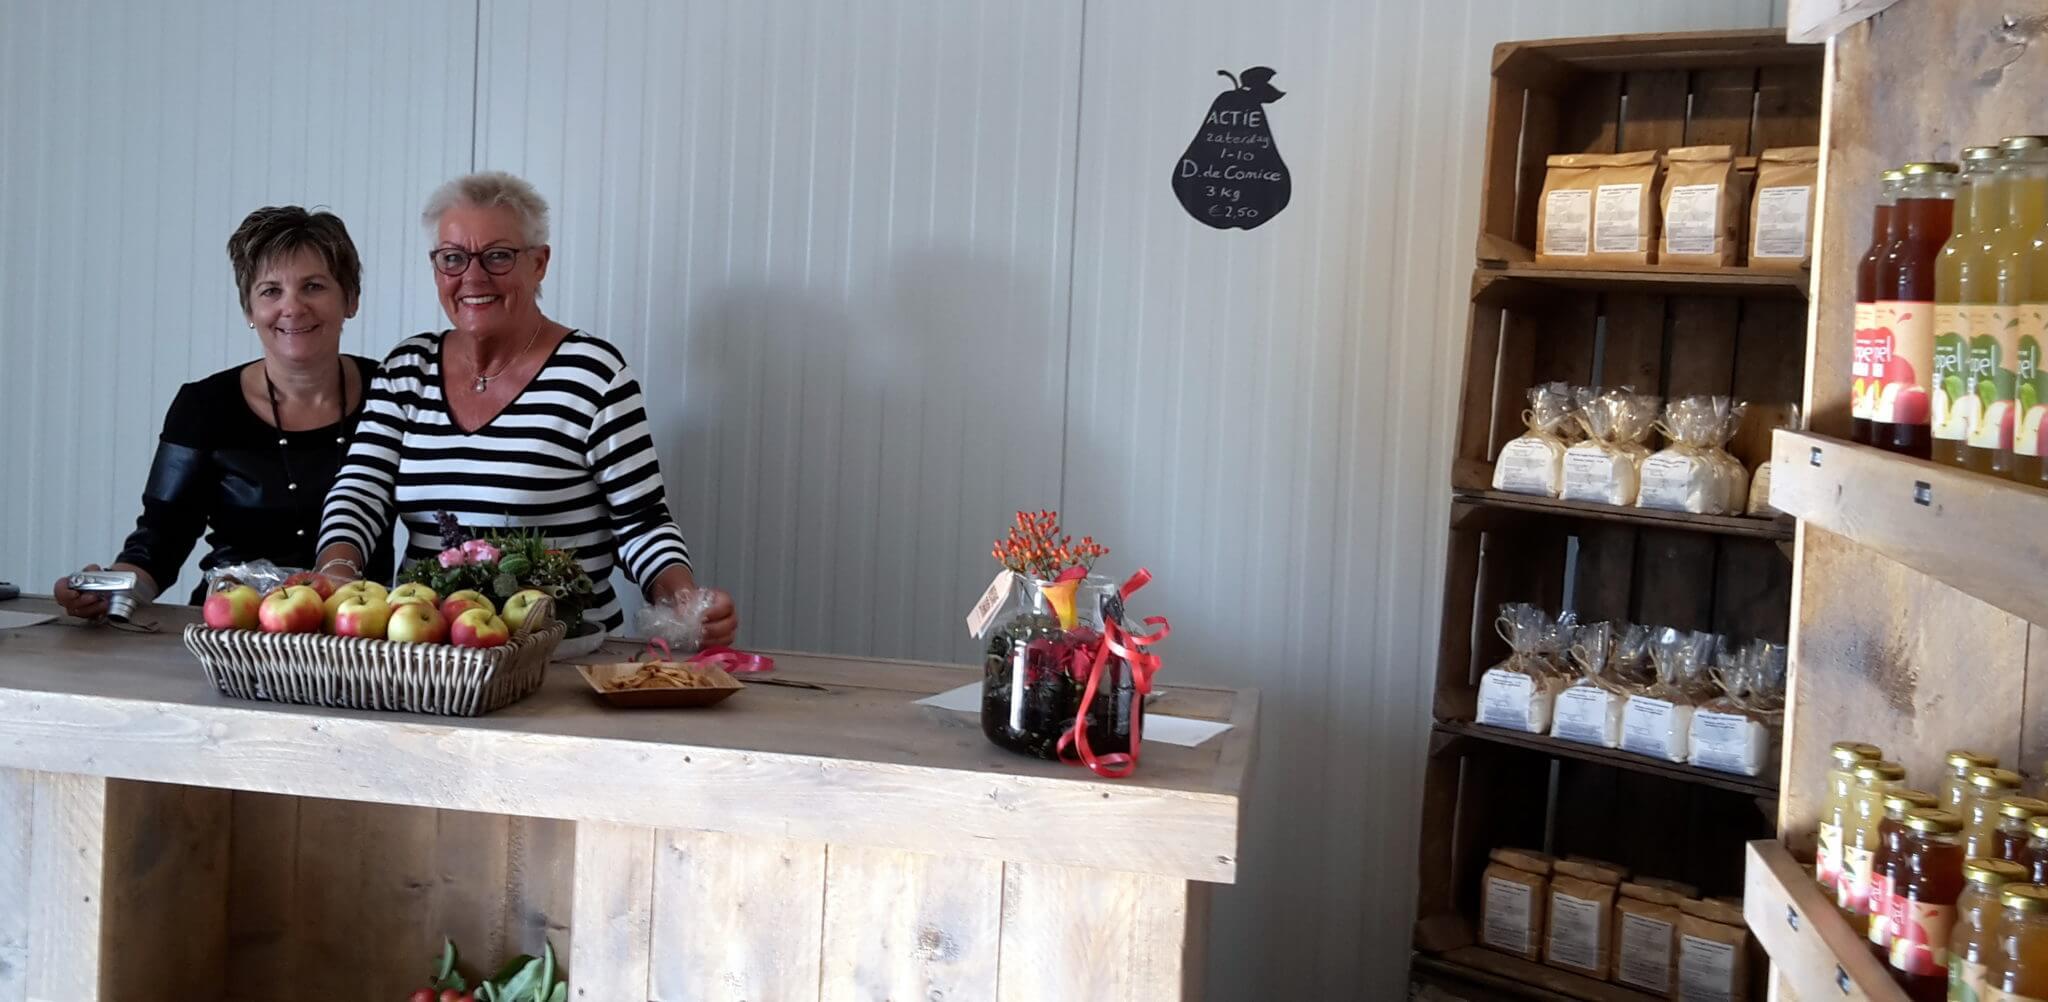 Fruitbedrijf-Van-den-Berge-De-fruithoek-opening